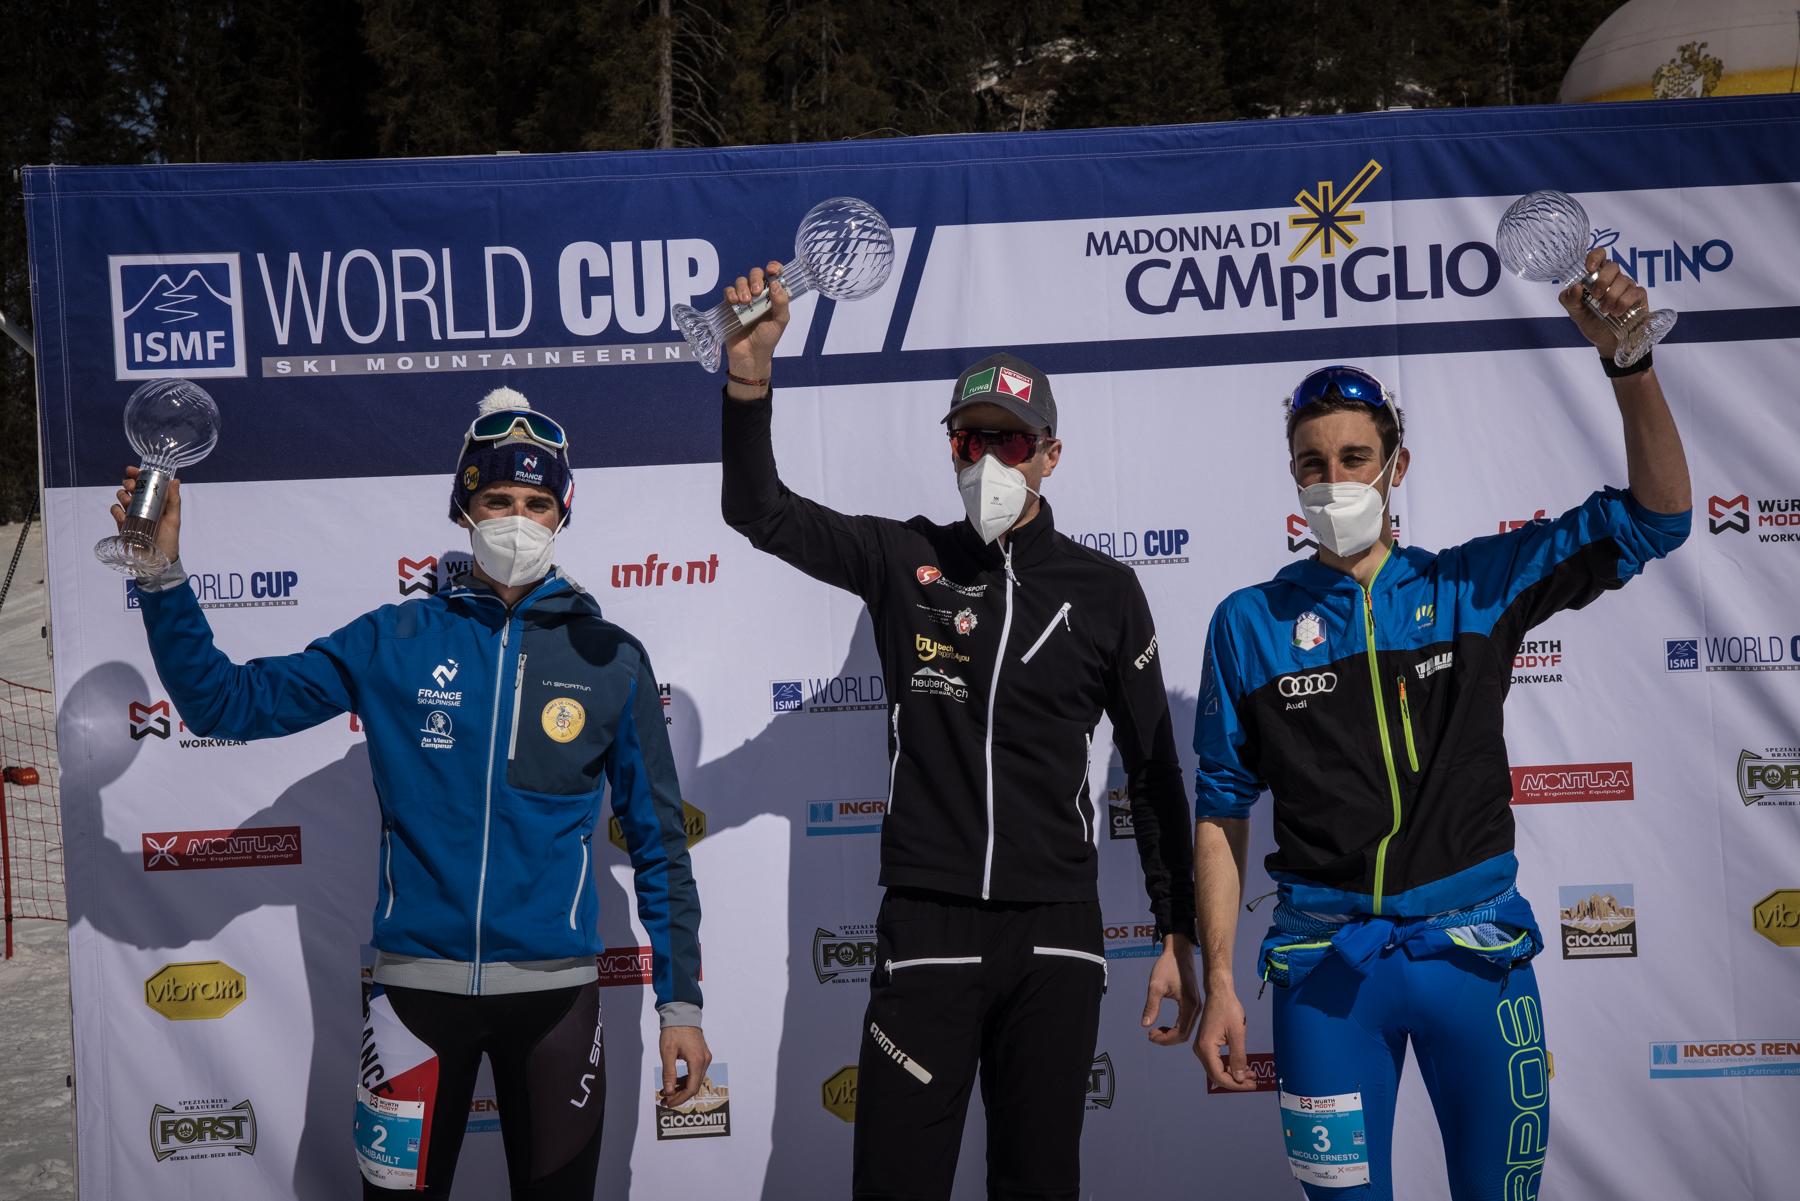 Maurizio Torri-EOSR0187